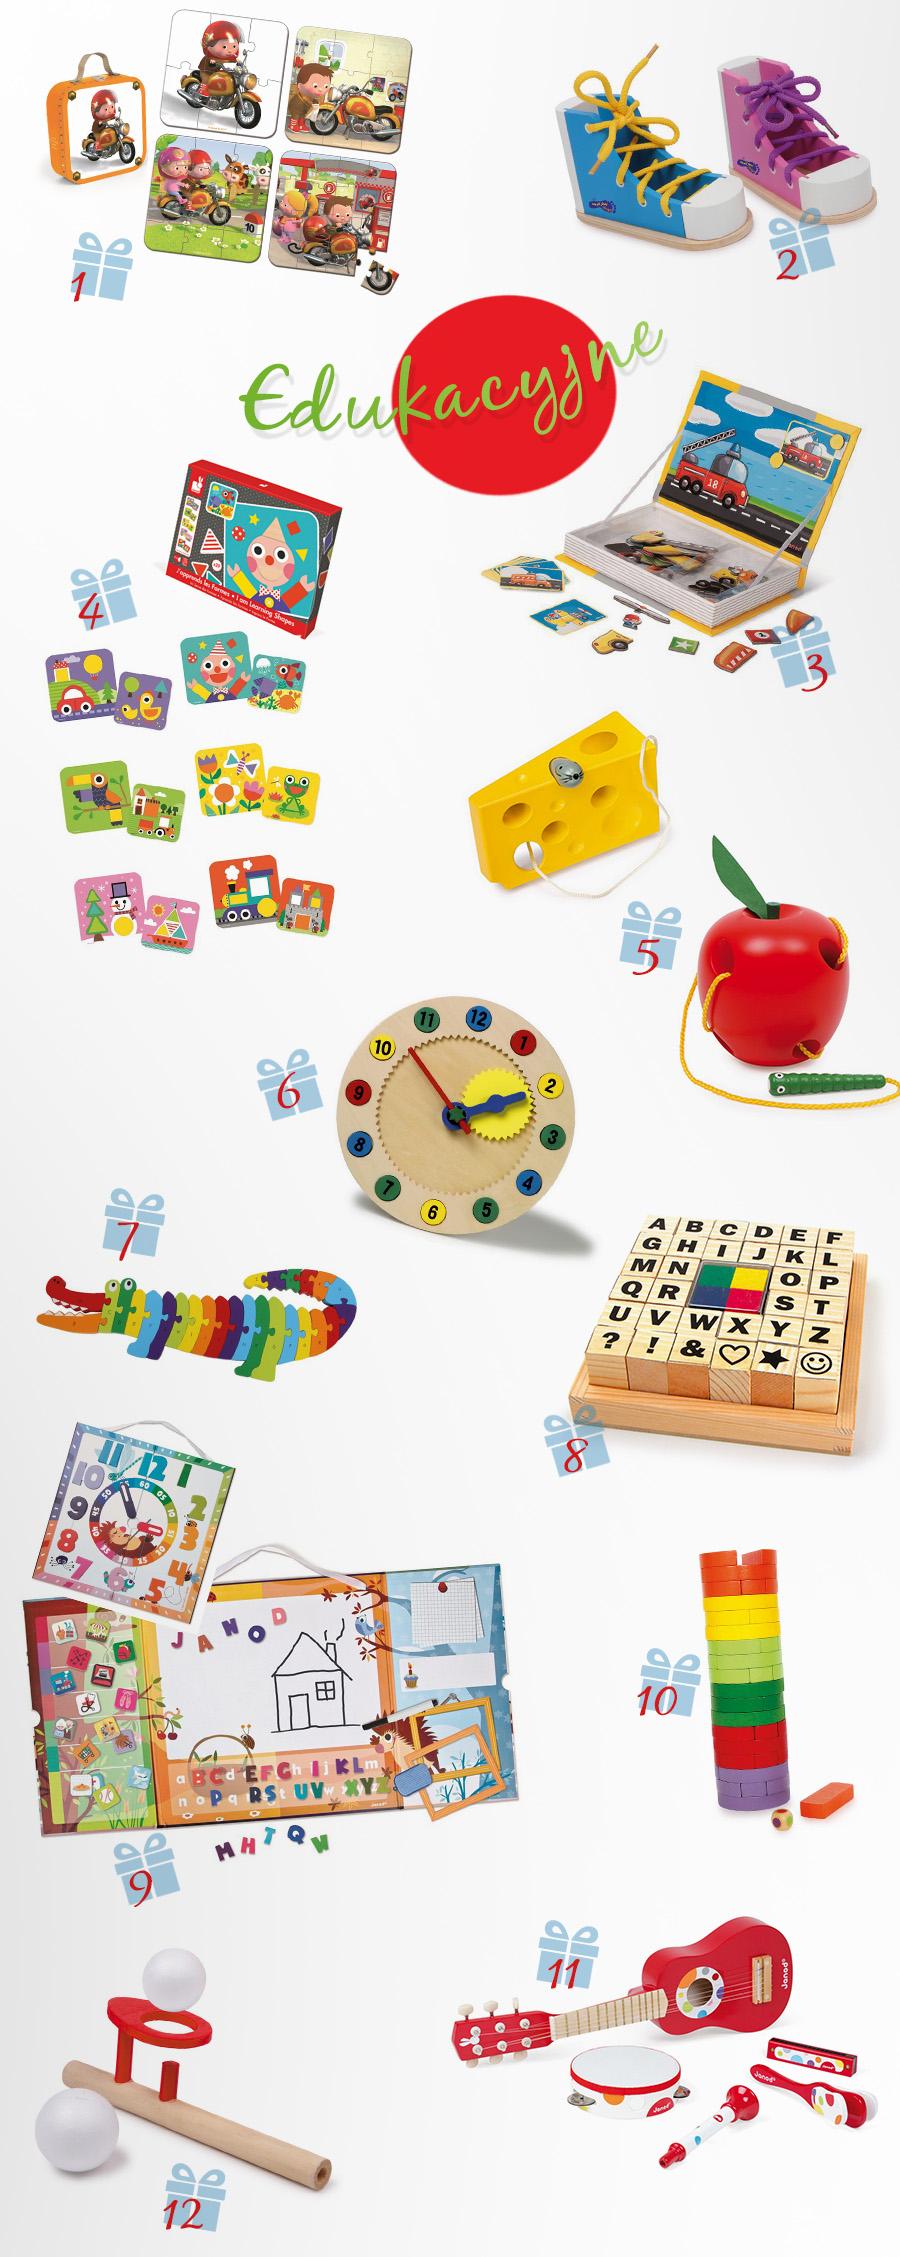 edukacyjne zabawki dla trzylatka